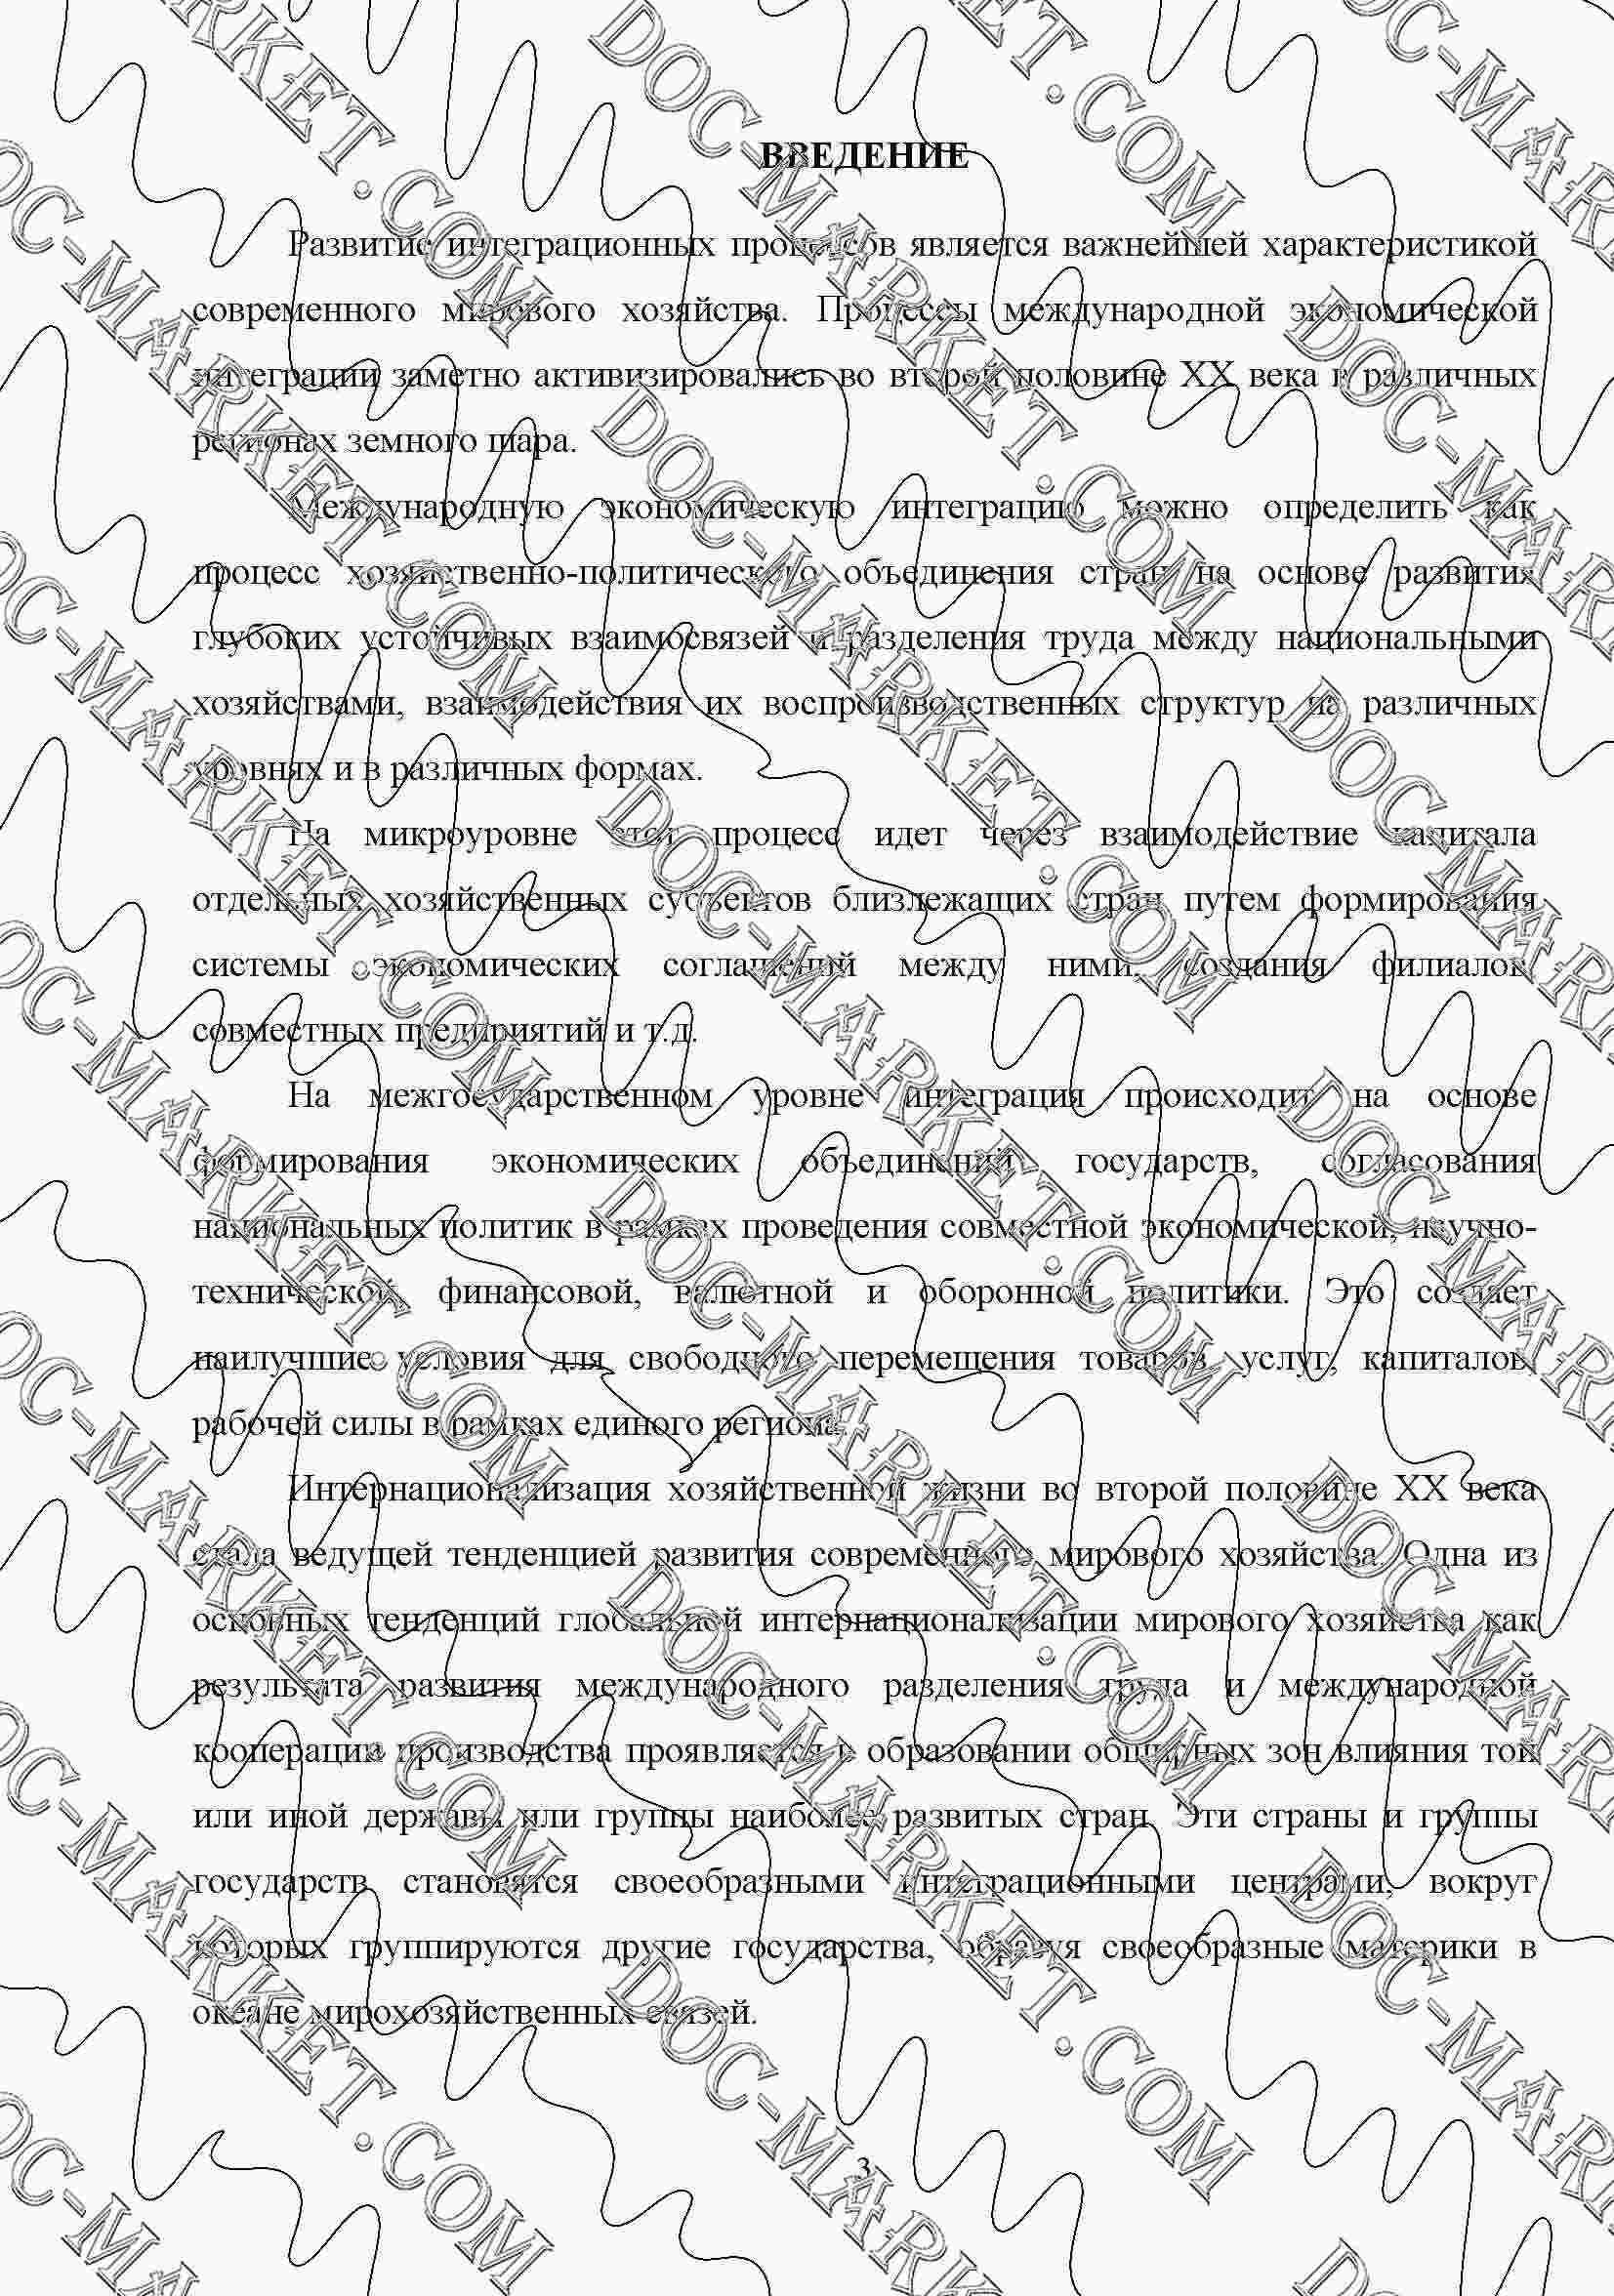 28. Сущность, структура и функции 69